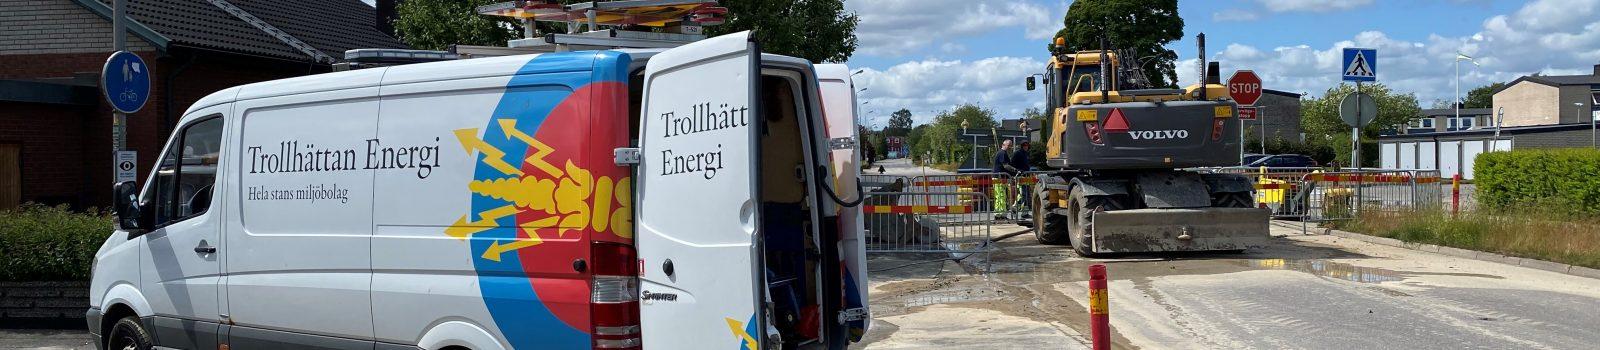 Trollhättan Energi-bil på vägen bredvid ett grävjobb